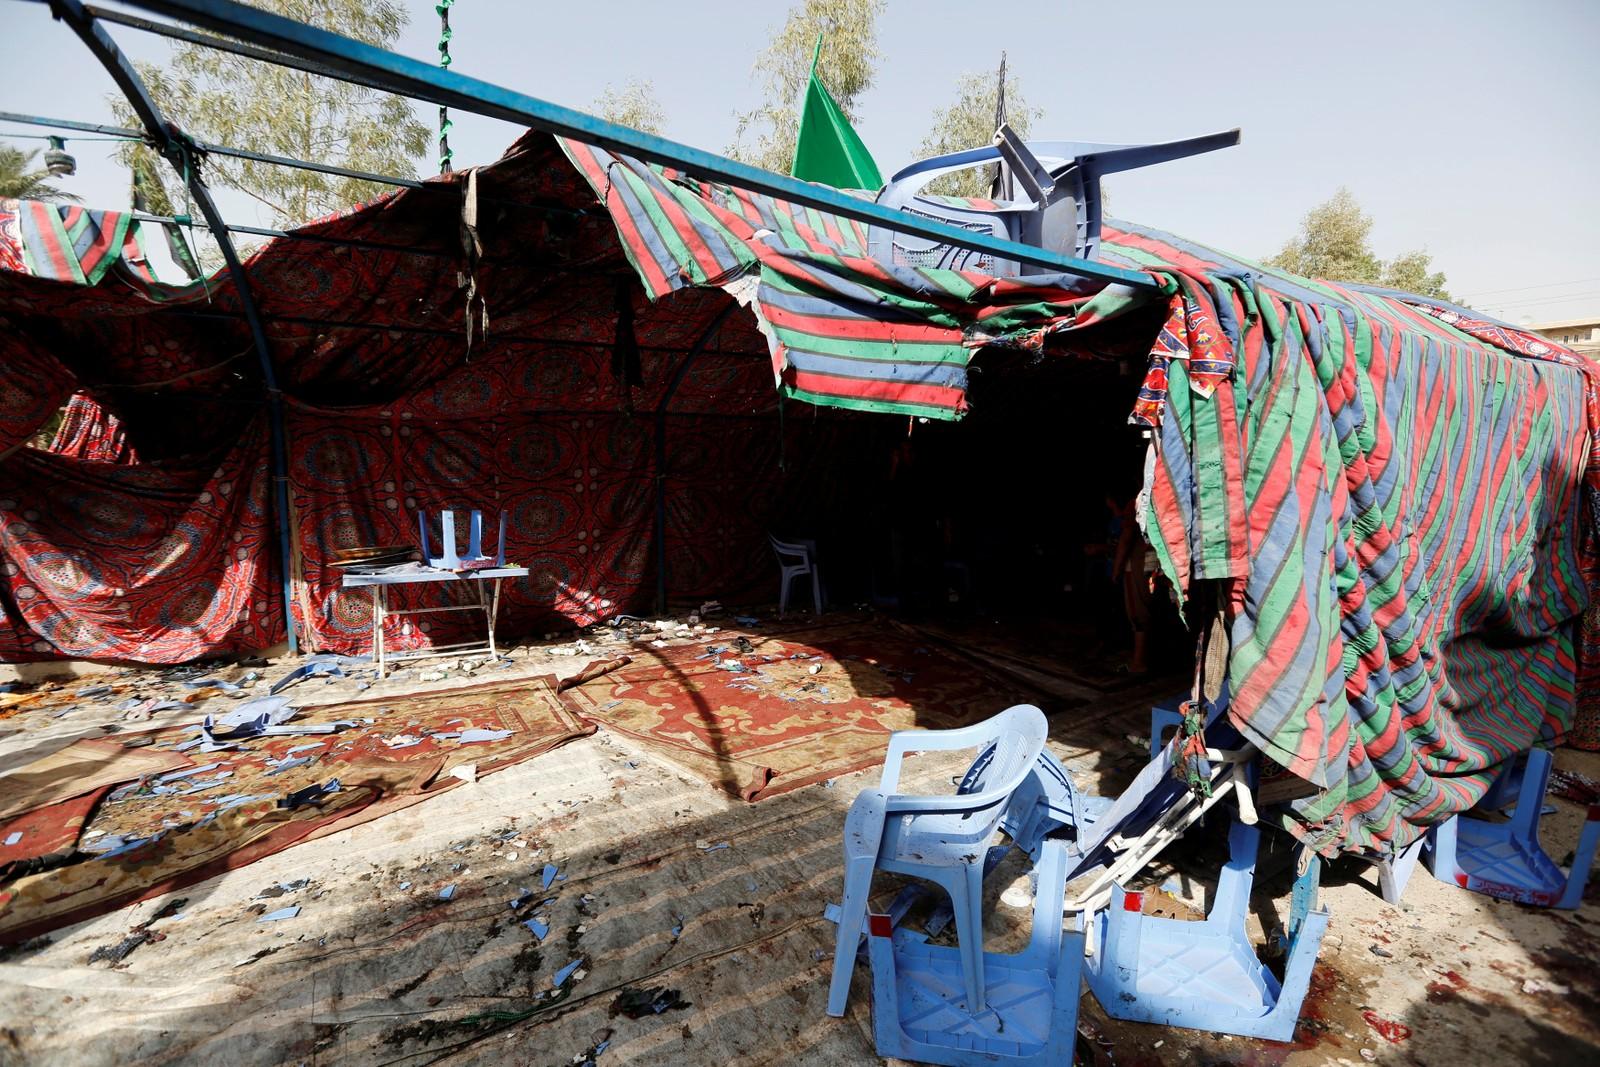 Innbyggjarane var samla til ei gravferd i teltet som vart ramma av ei sjølvmordsbombe.